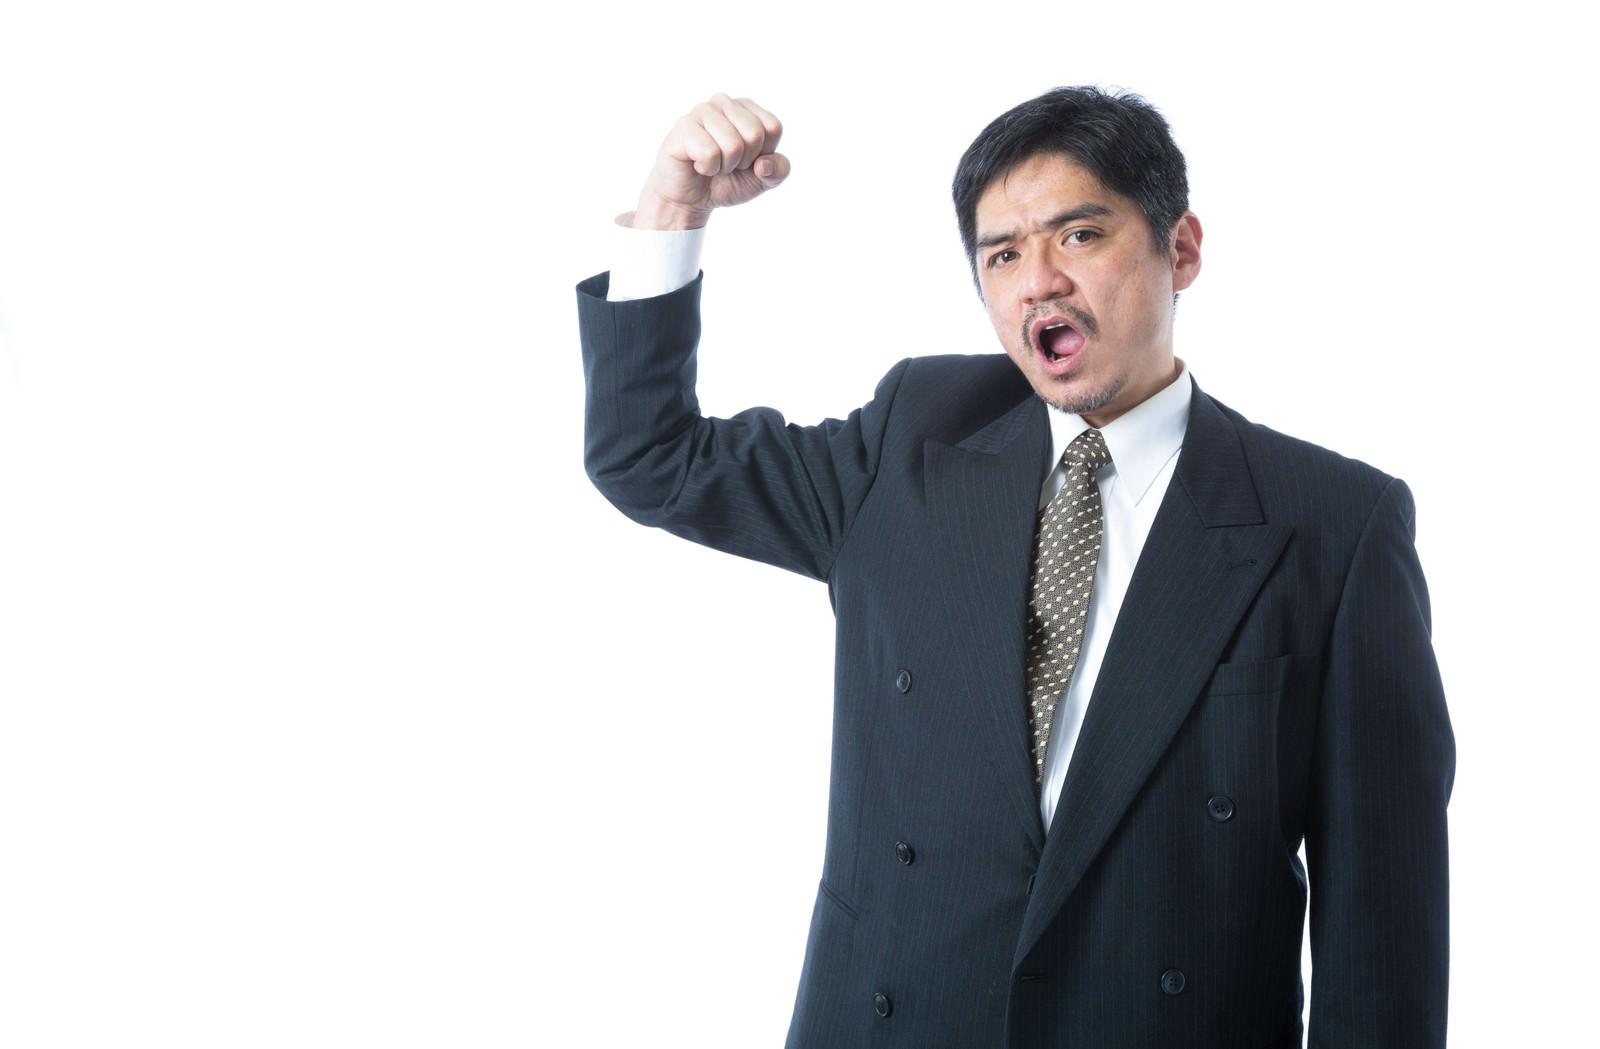 「「おっしゃー」雄叫びをあげる上司「おっしゃー」雄叫びをあげる上司」[モデル:よたか]のフリー写真素材を拡大